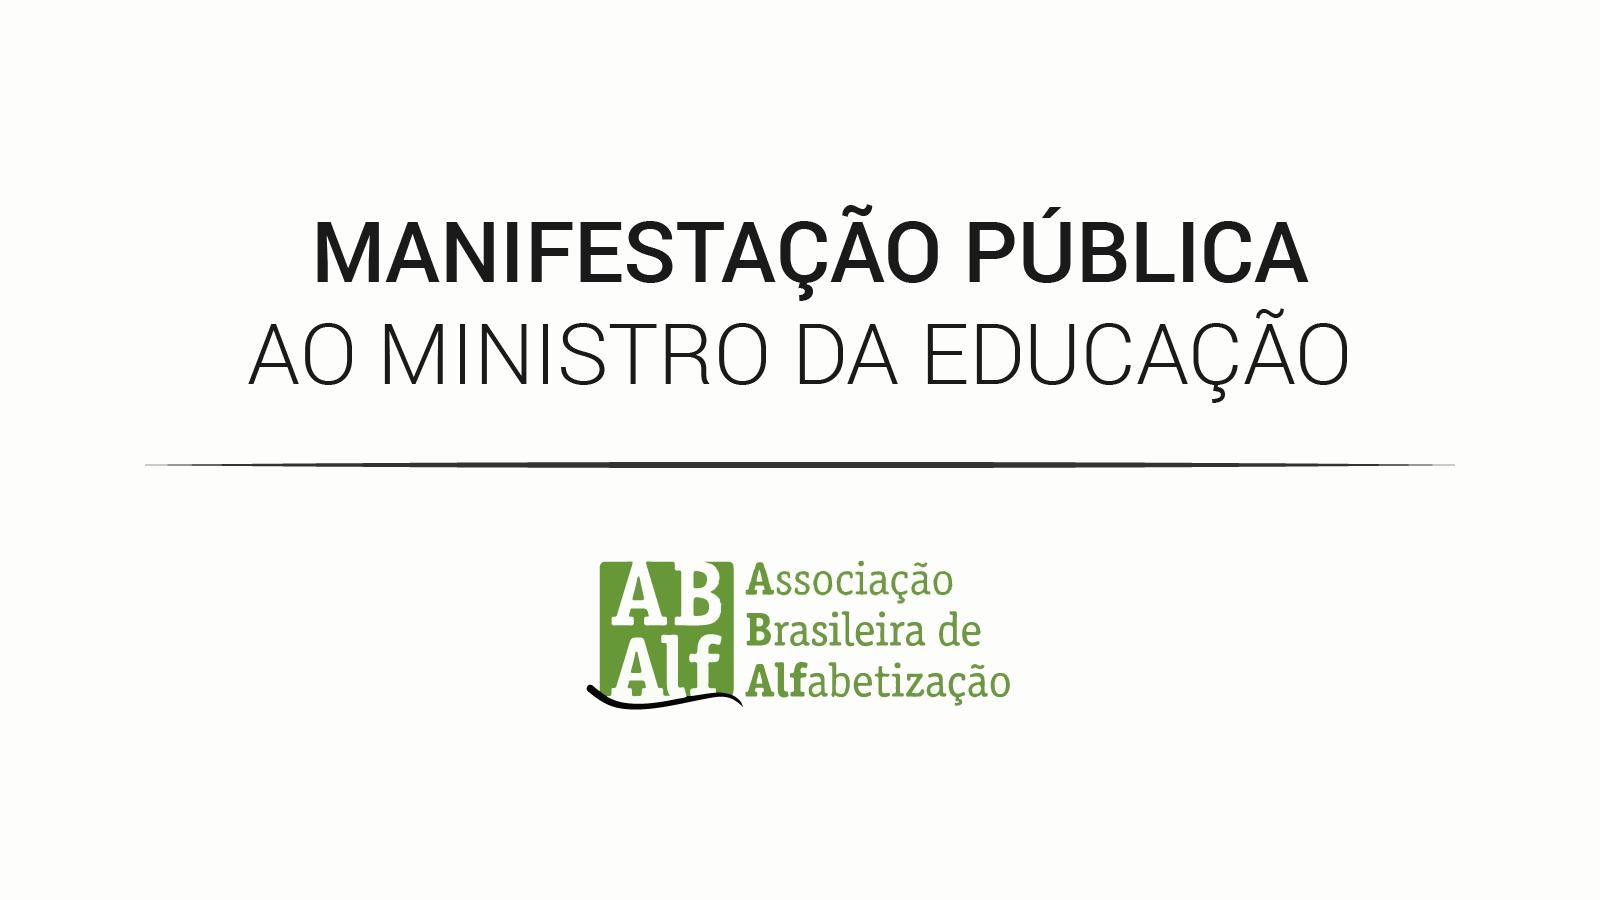 ABAlf - Associação Brasileira de Alfabetização: